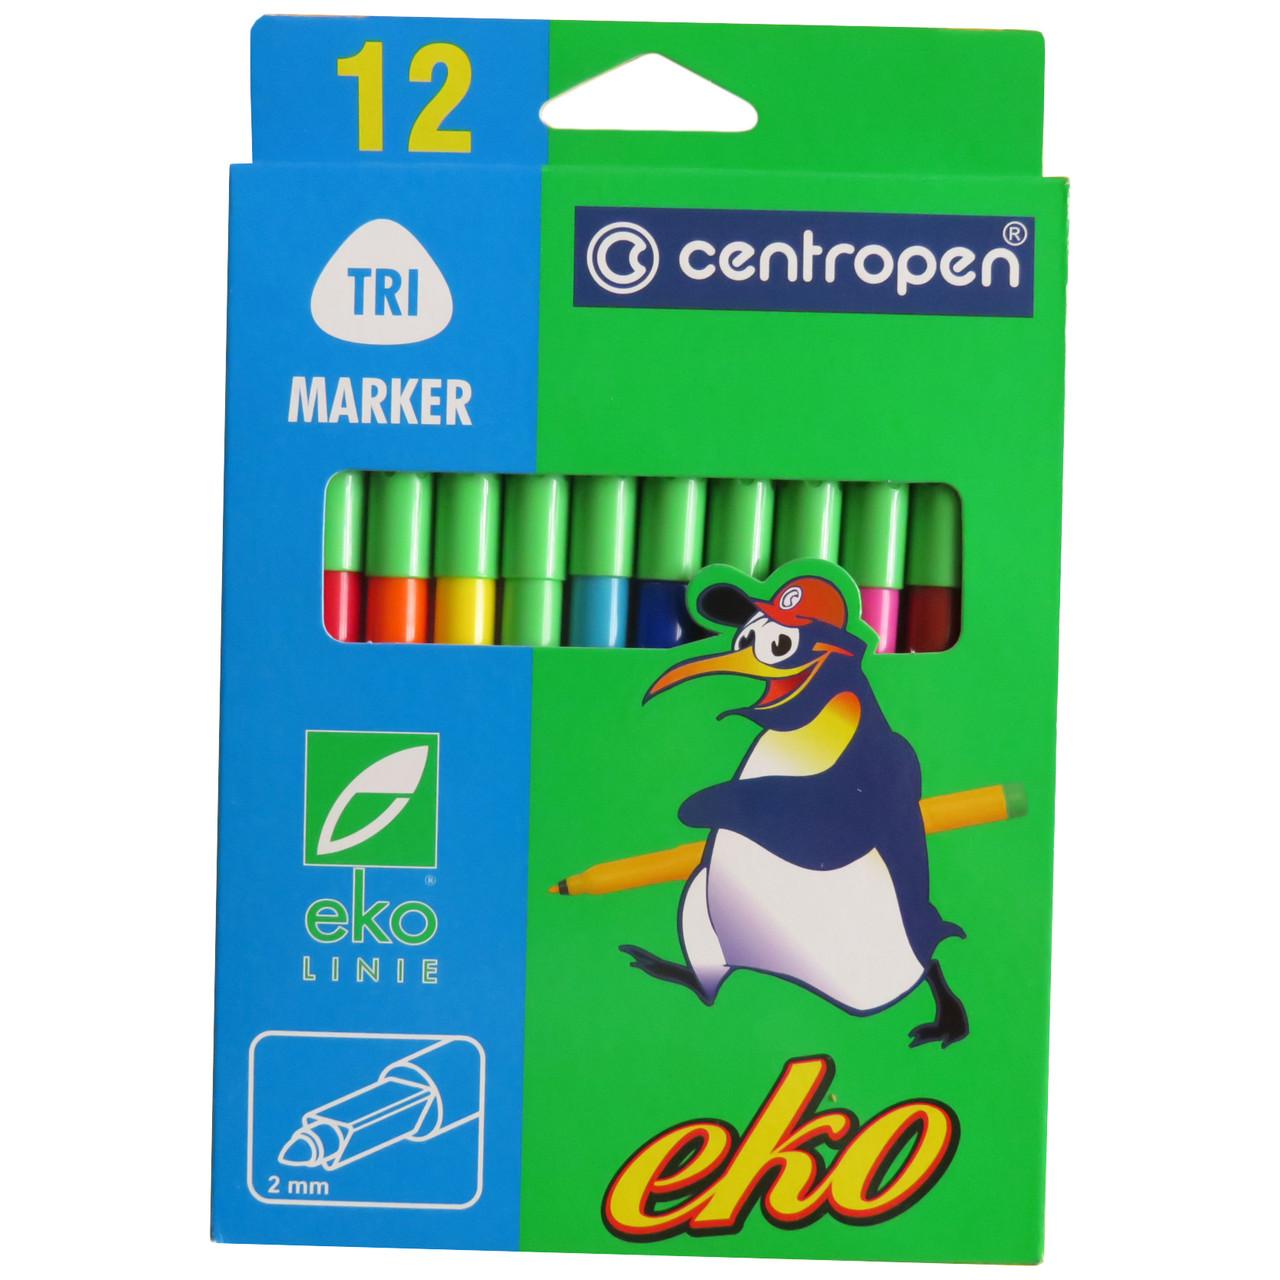 Фломастеры Centropen Eko 2560/12, смываемые чернила, треугольная форма, 12 цветов